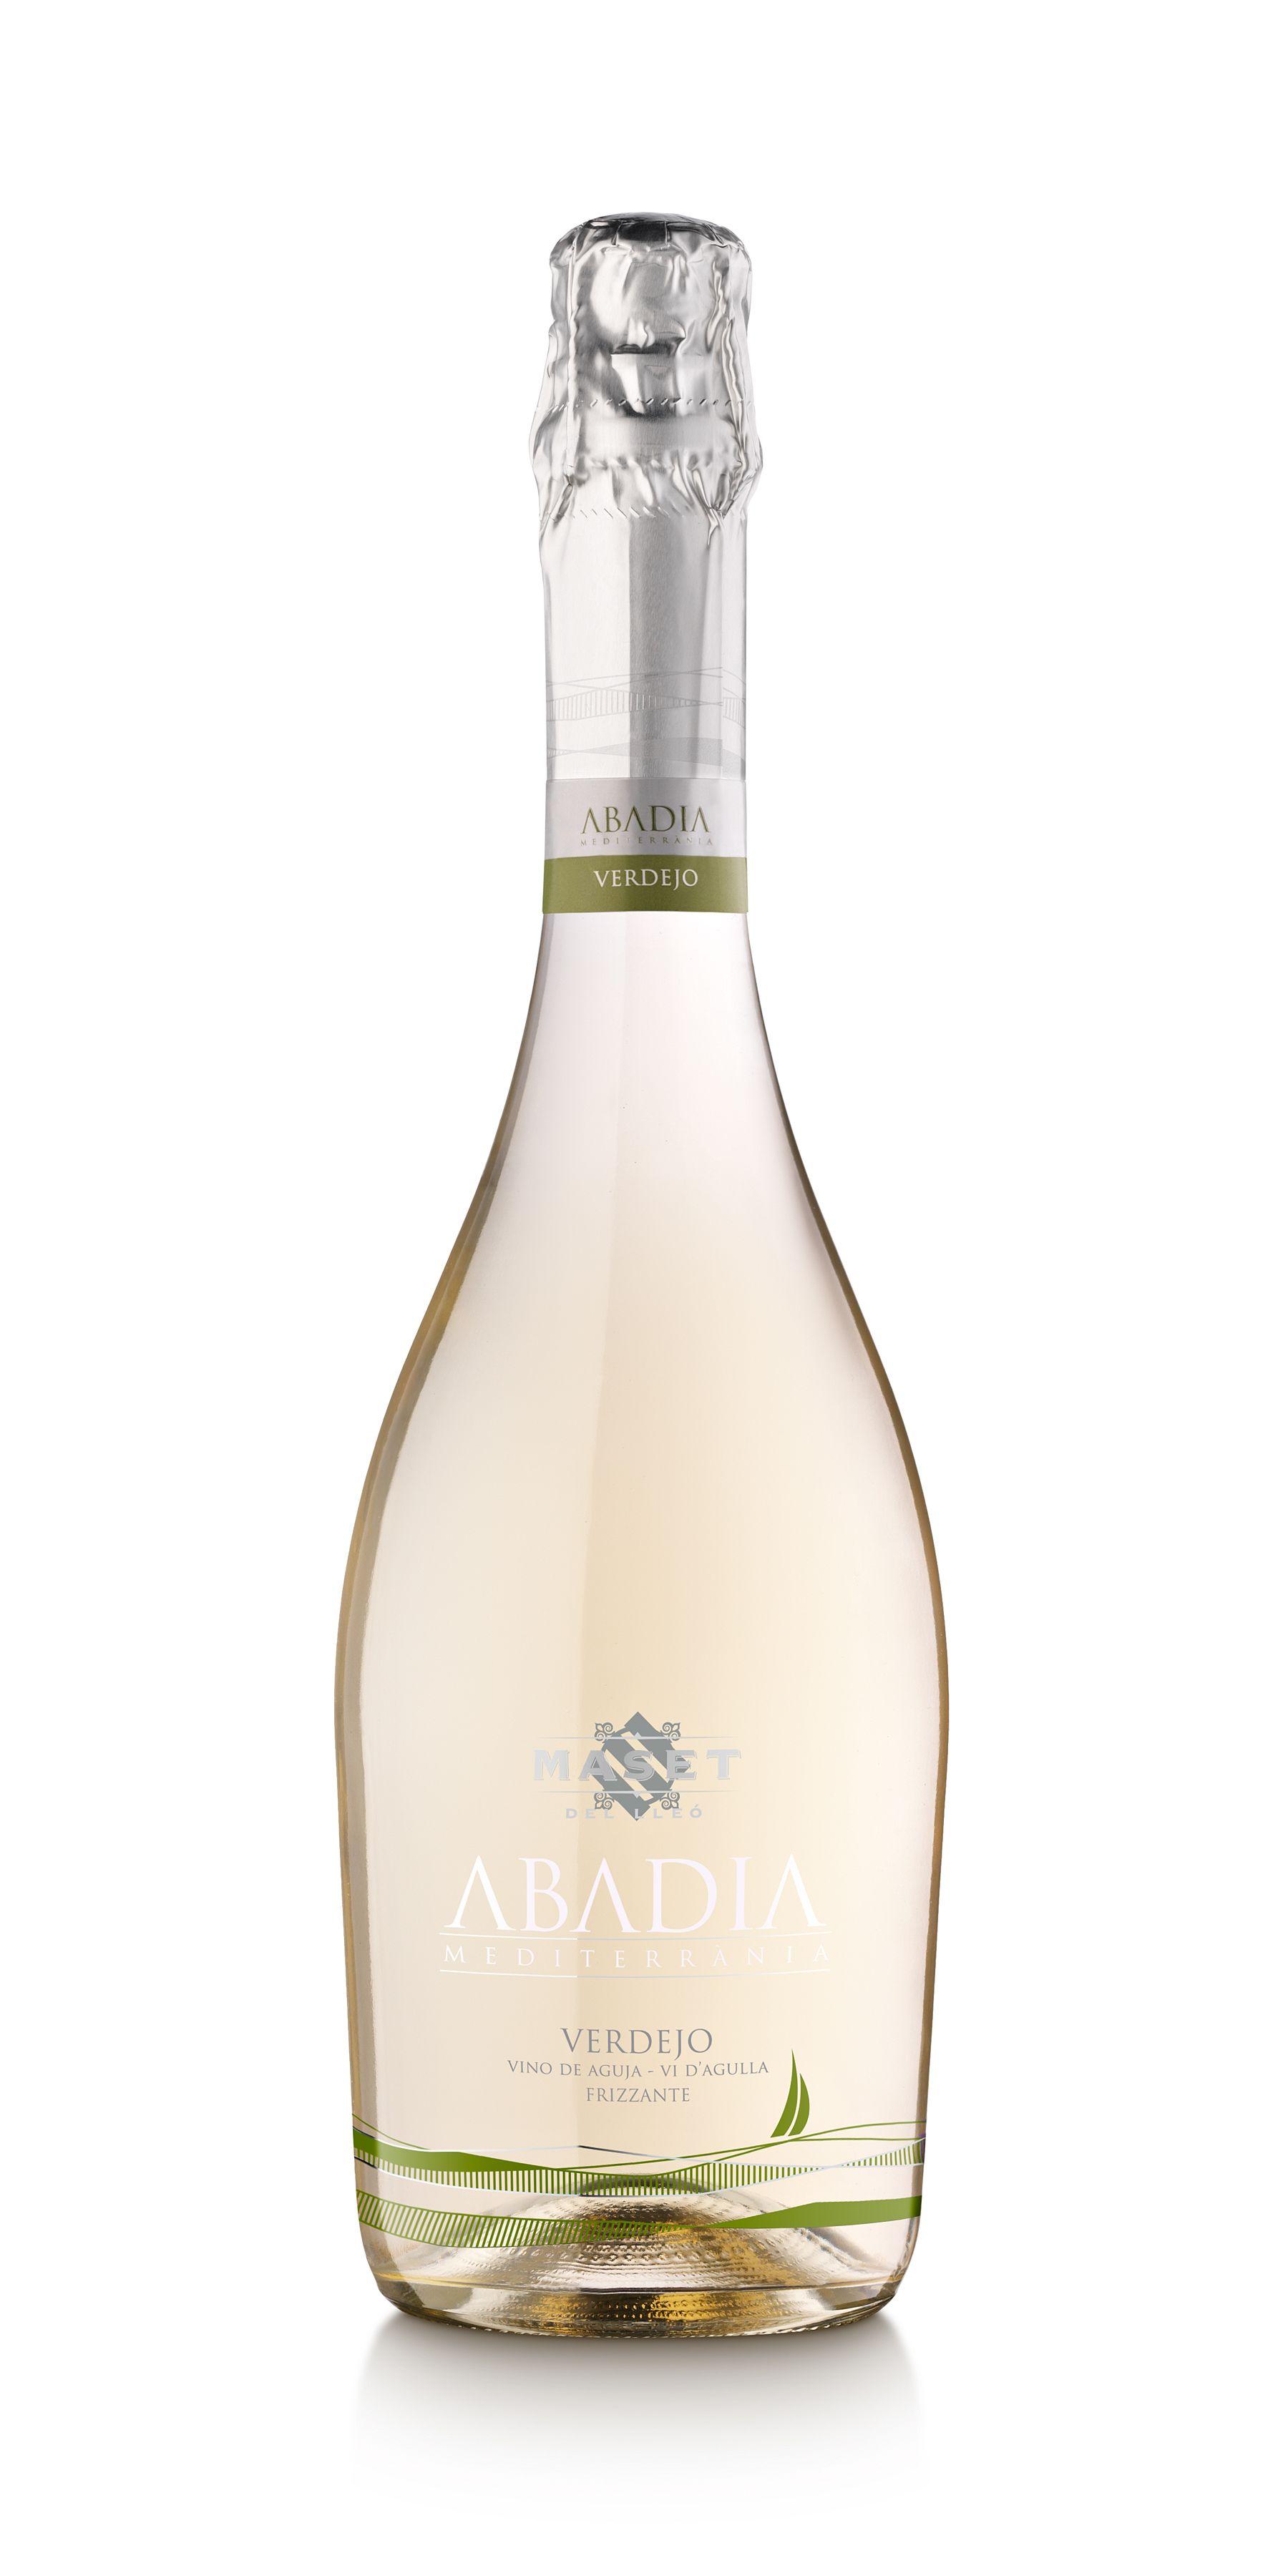 Vino Blanco de Aguja Frizzante Abadia Mediterrània Verdejo. Brisa de juventud. Vino blanco de aguja natural de la variedad verdejo. Es un vino refrescante con aromas frutales y con un agradable toque cítrico. Ideal para las épocas más calurosas del año.